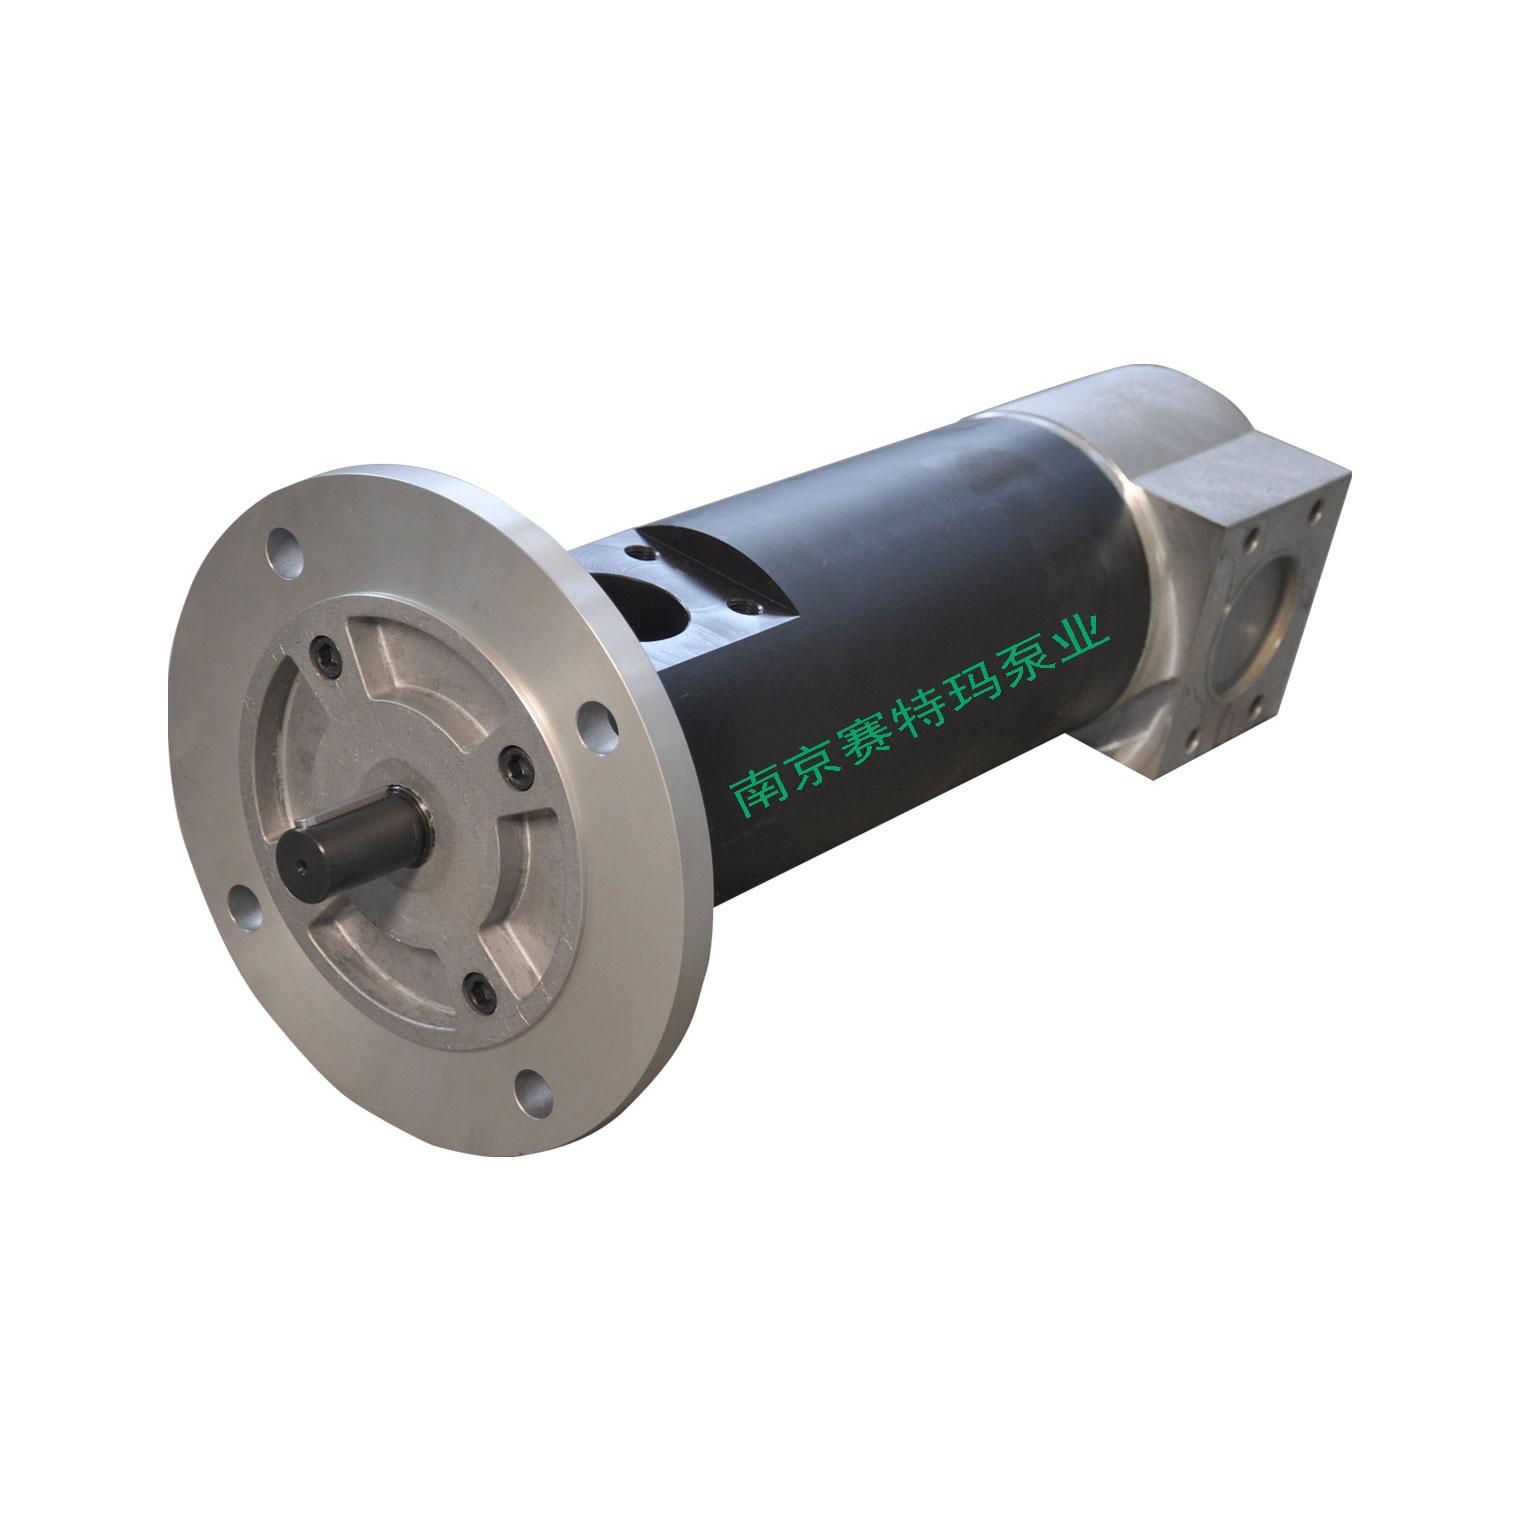 進口settima高壓螺旋泵ZNYB01021802現貨供應